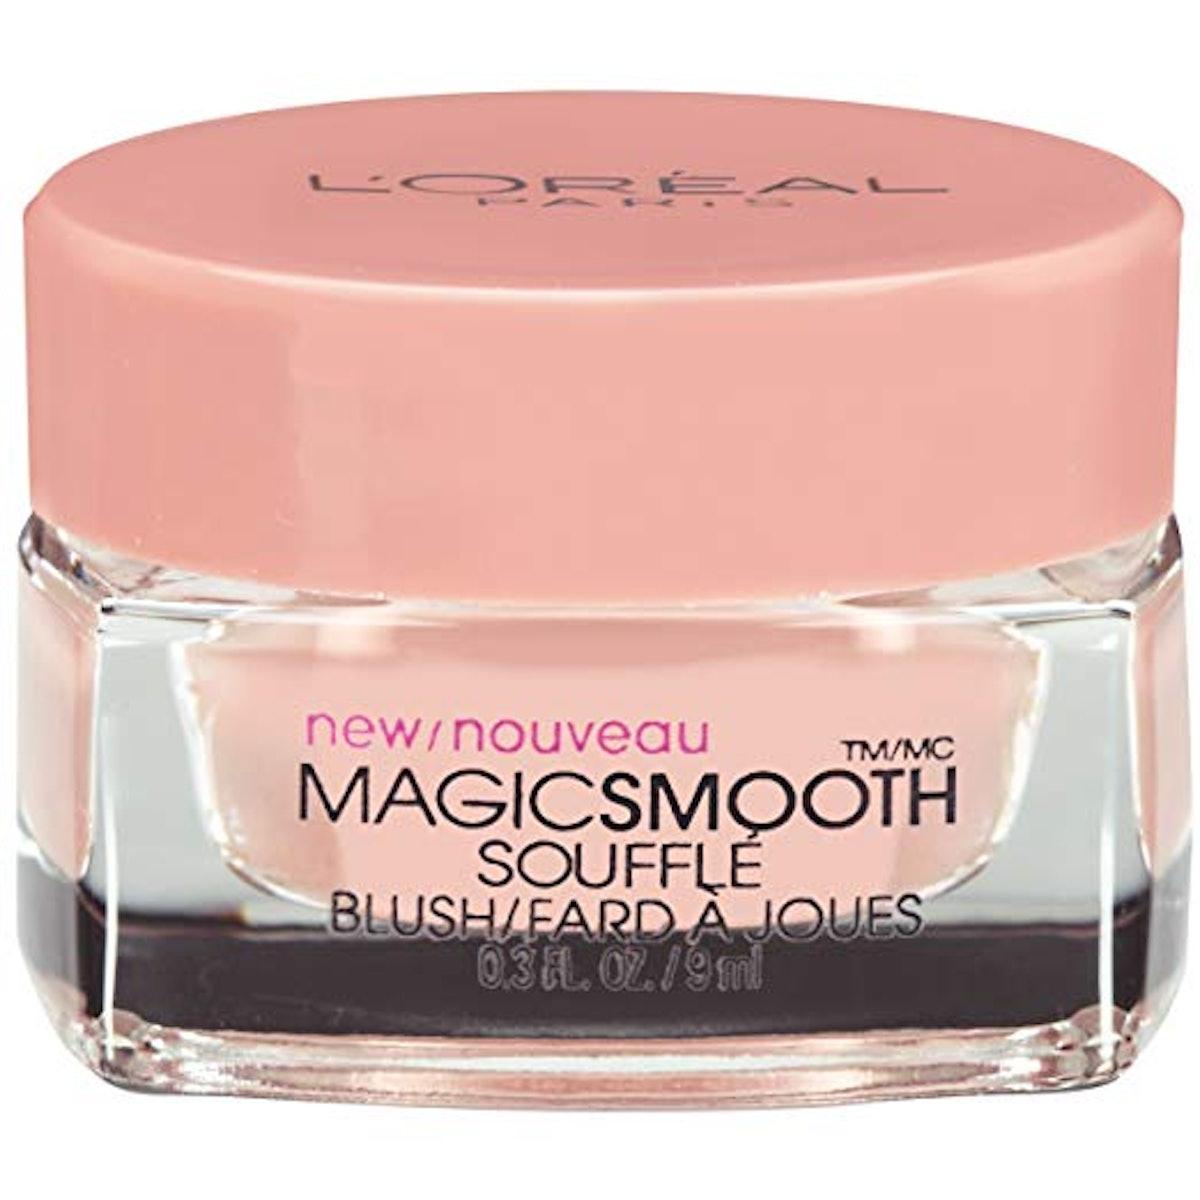 L'Oréal Paris Magic Smooth Souffle Blush